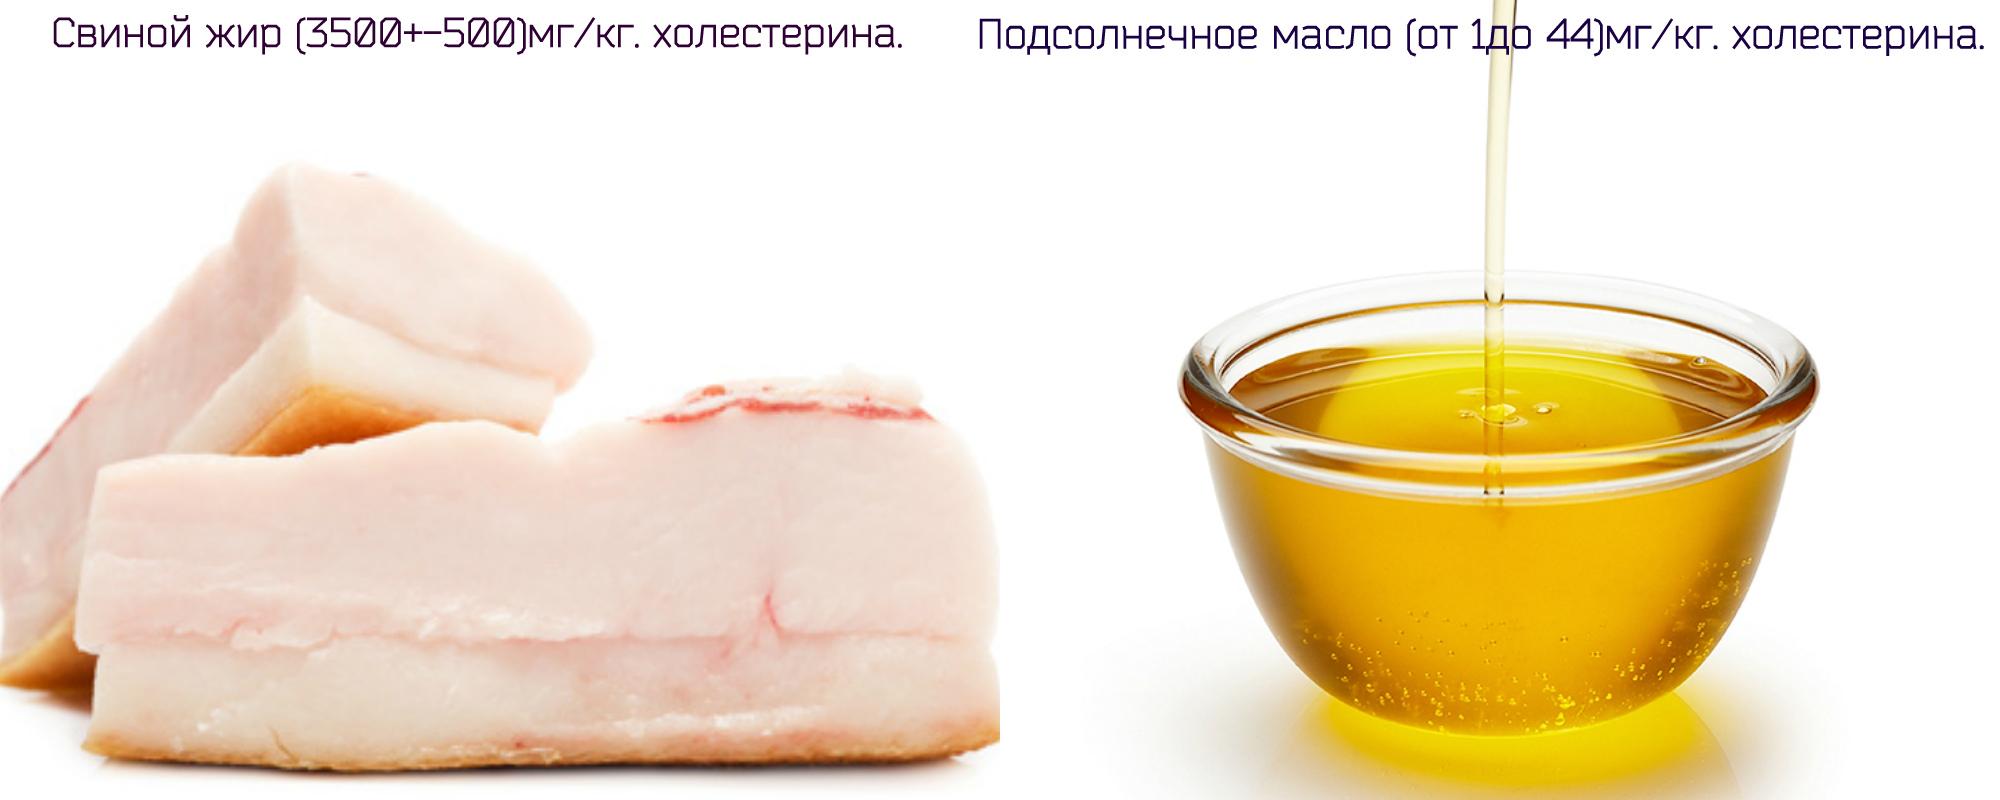 Холестерин в свином жире и подсолнечном масле